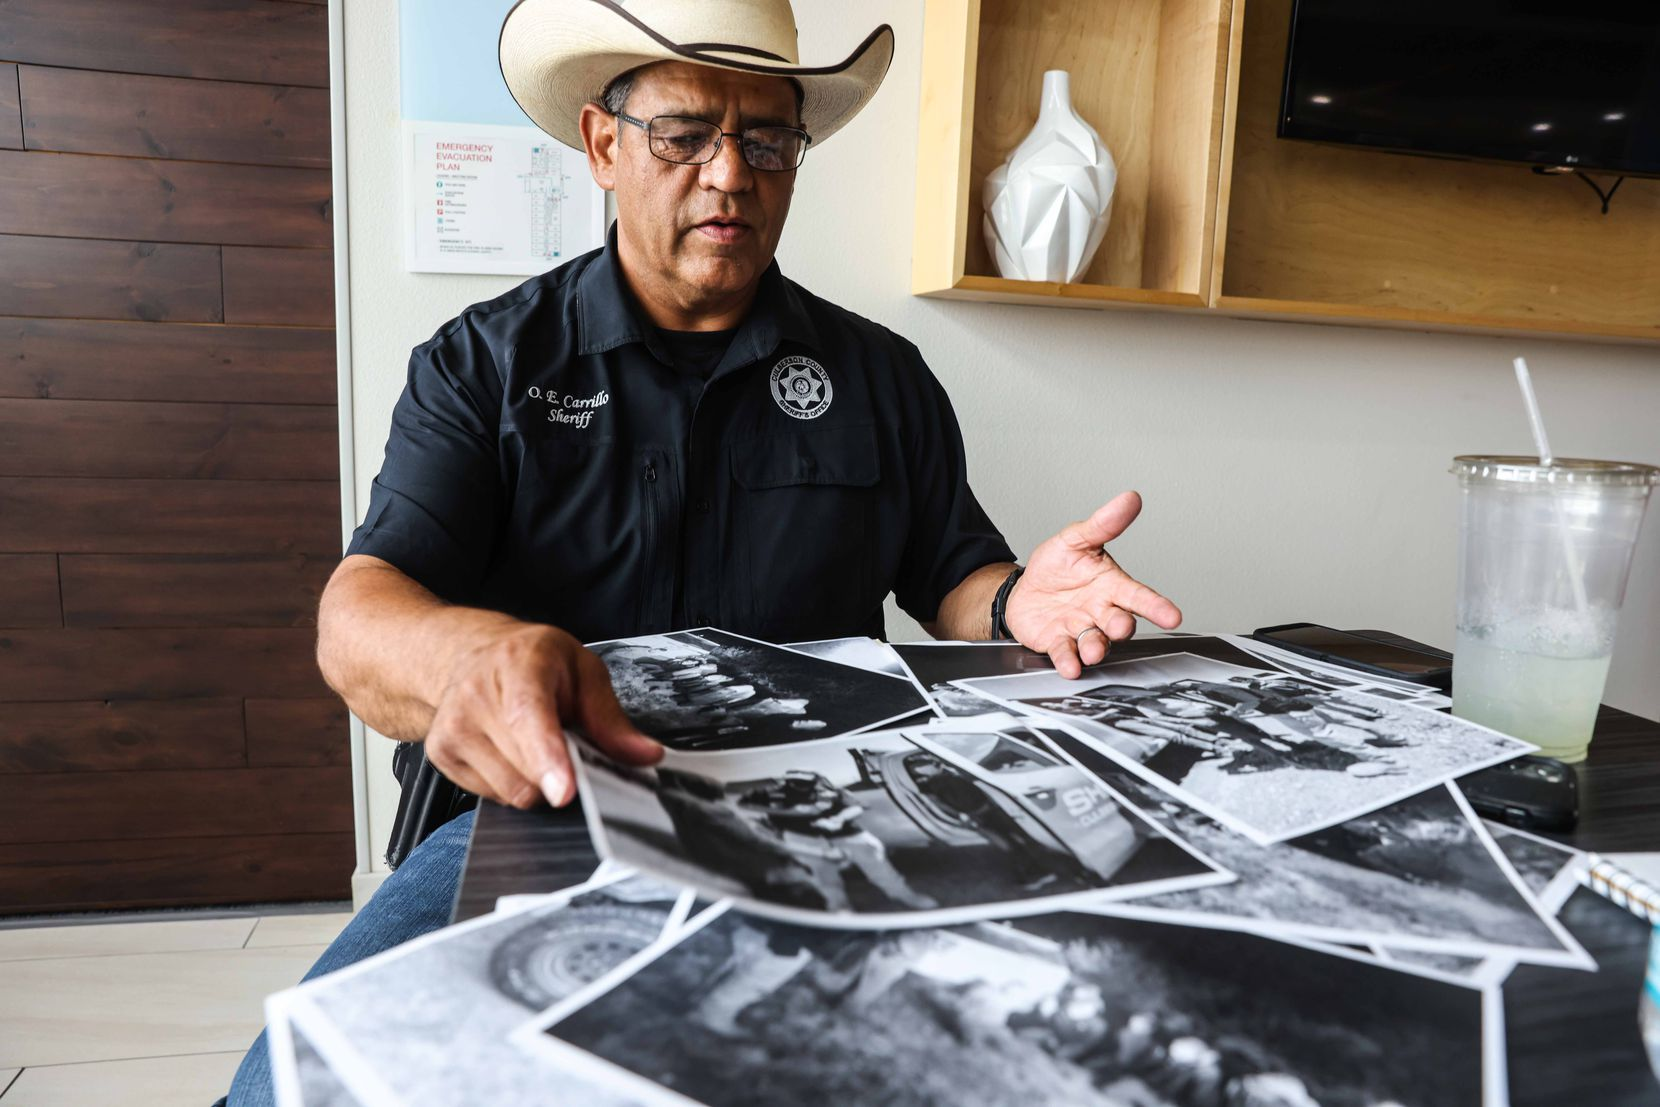 Oscar Carrillo, sheriff del condado Culberson, muestra fotos del trabajo que su oficina realiza cuando reciben llamadas para rescatar a migrantes perdidos en el desierto del oeste de Texas.